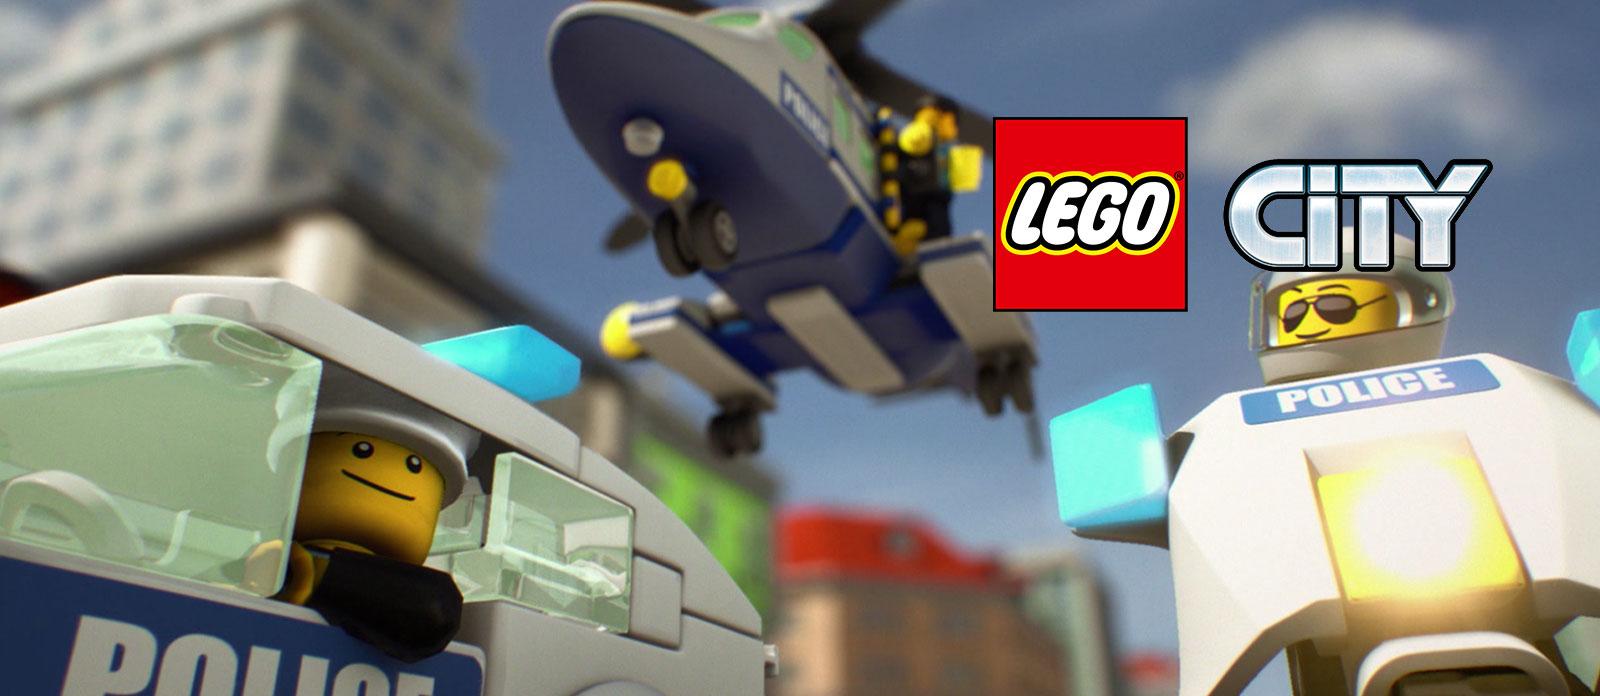 LEGO City 60302 Конструктор ЛЕГО Город Wildlife: Операция по спасению зверей